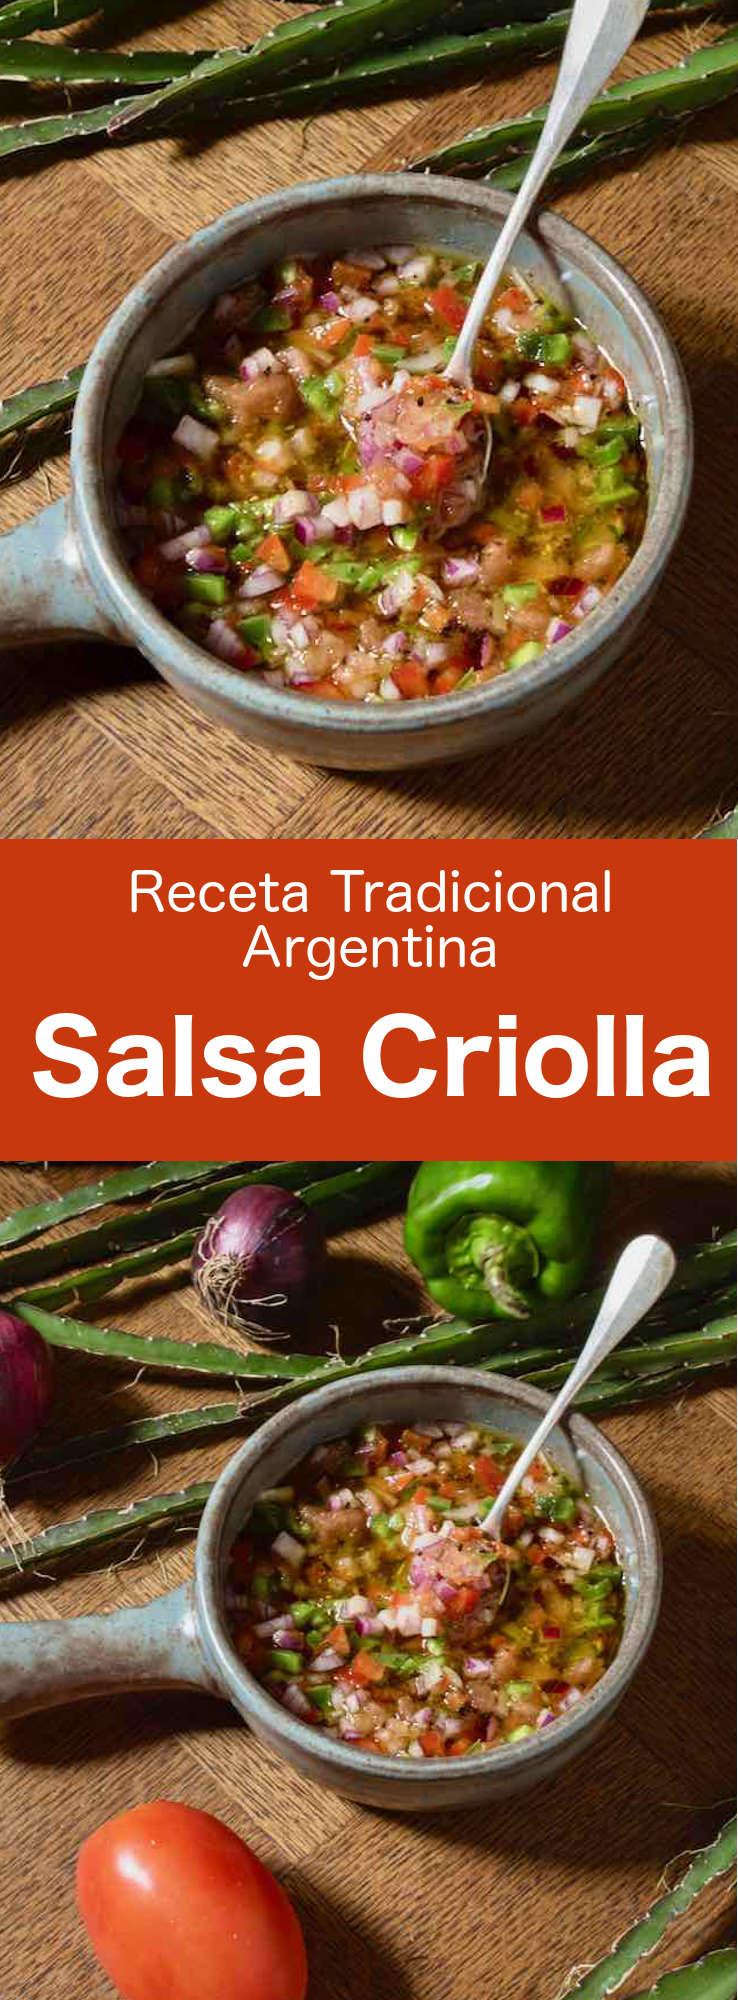 La salsa criolla es una salsa sudamericana hecha con cebolla, tomate, pimiento, vinagre y aceite de oliva, que generalmente se usa para acompañar la carne.